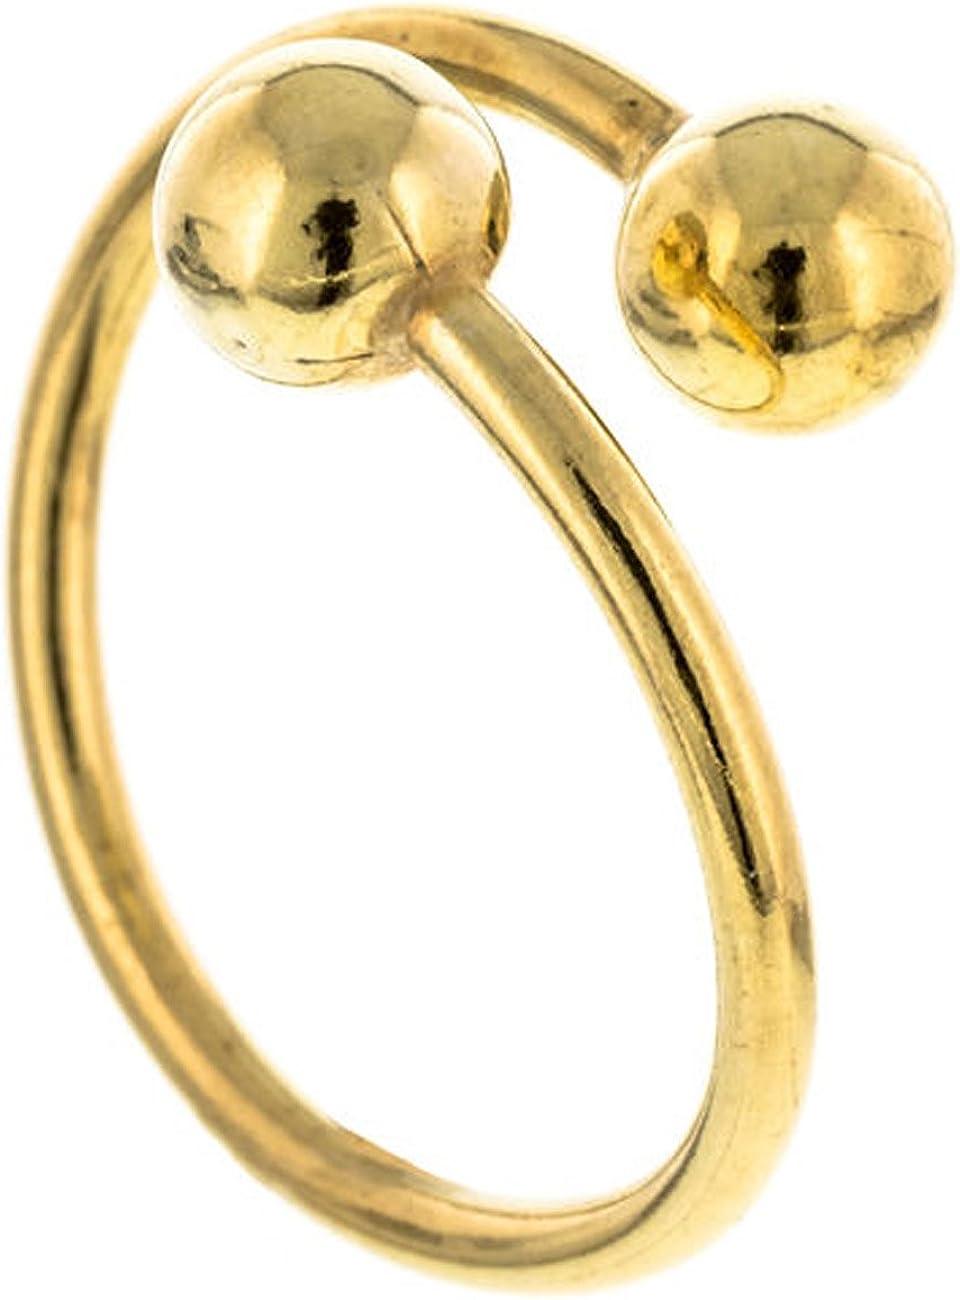 Córdoba Jewels | Anillo en Plata de Ley 925 bañada en Oro. Diseño Duo Esferas Oro